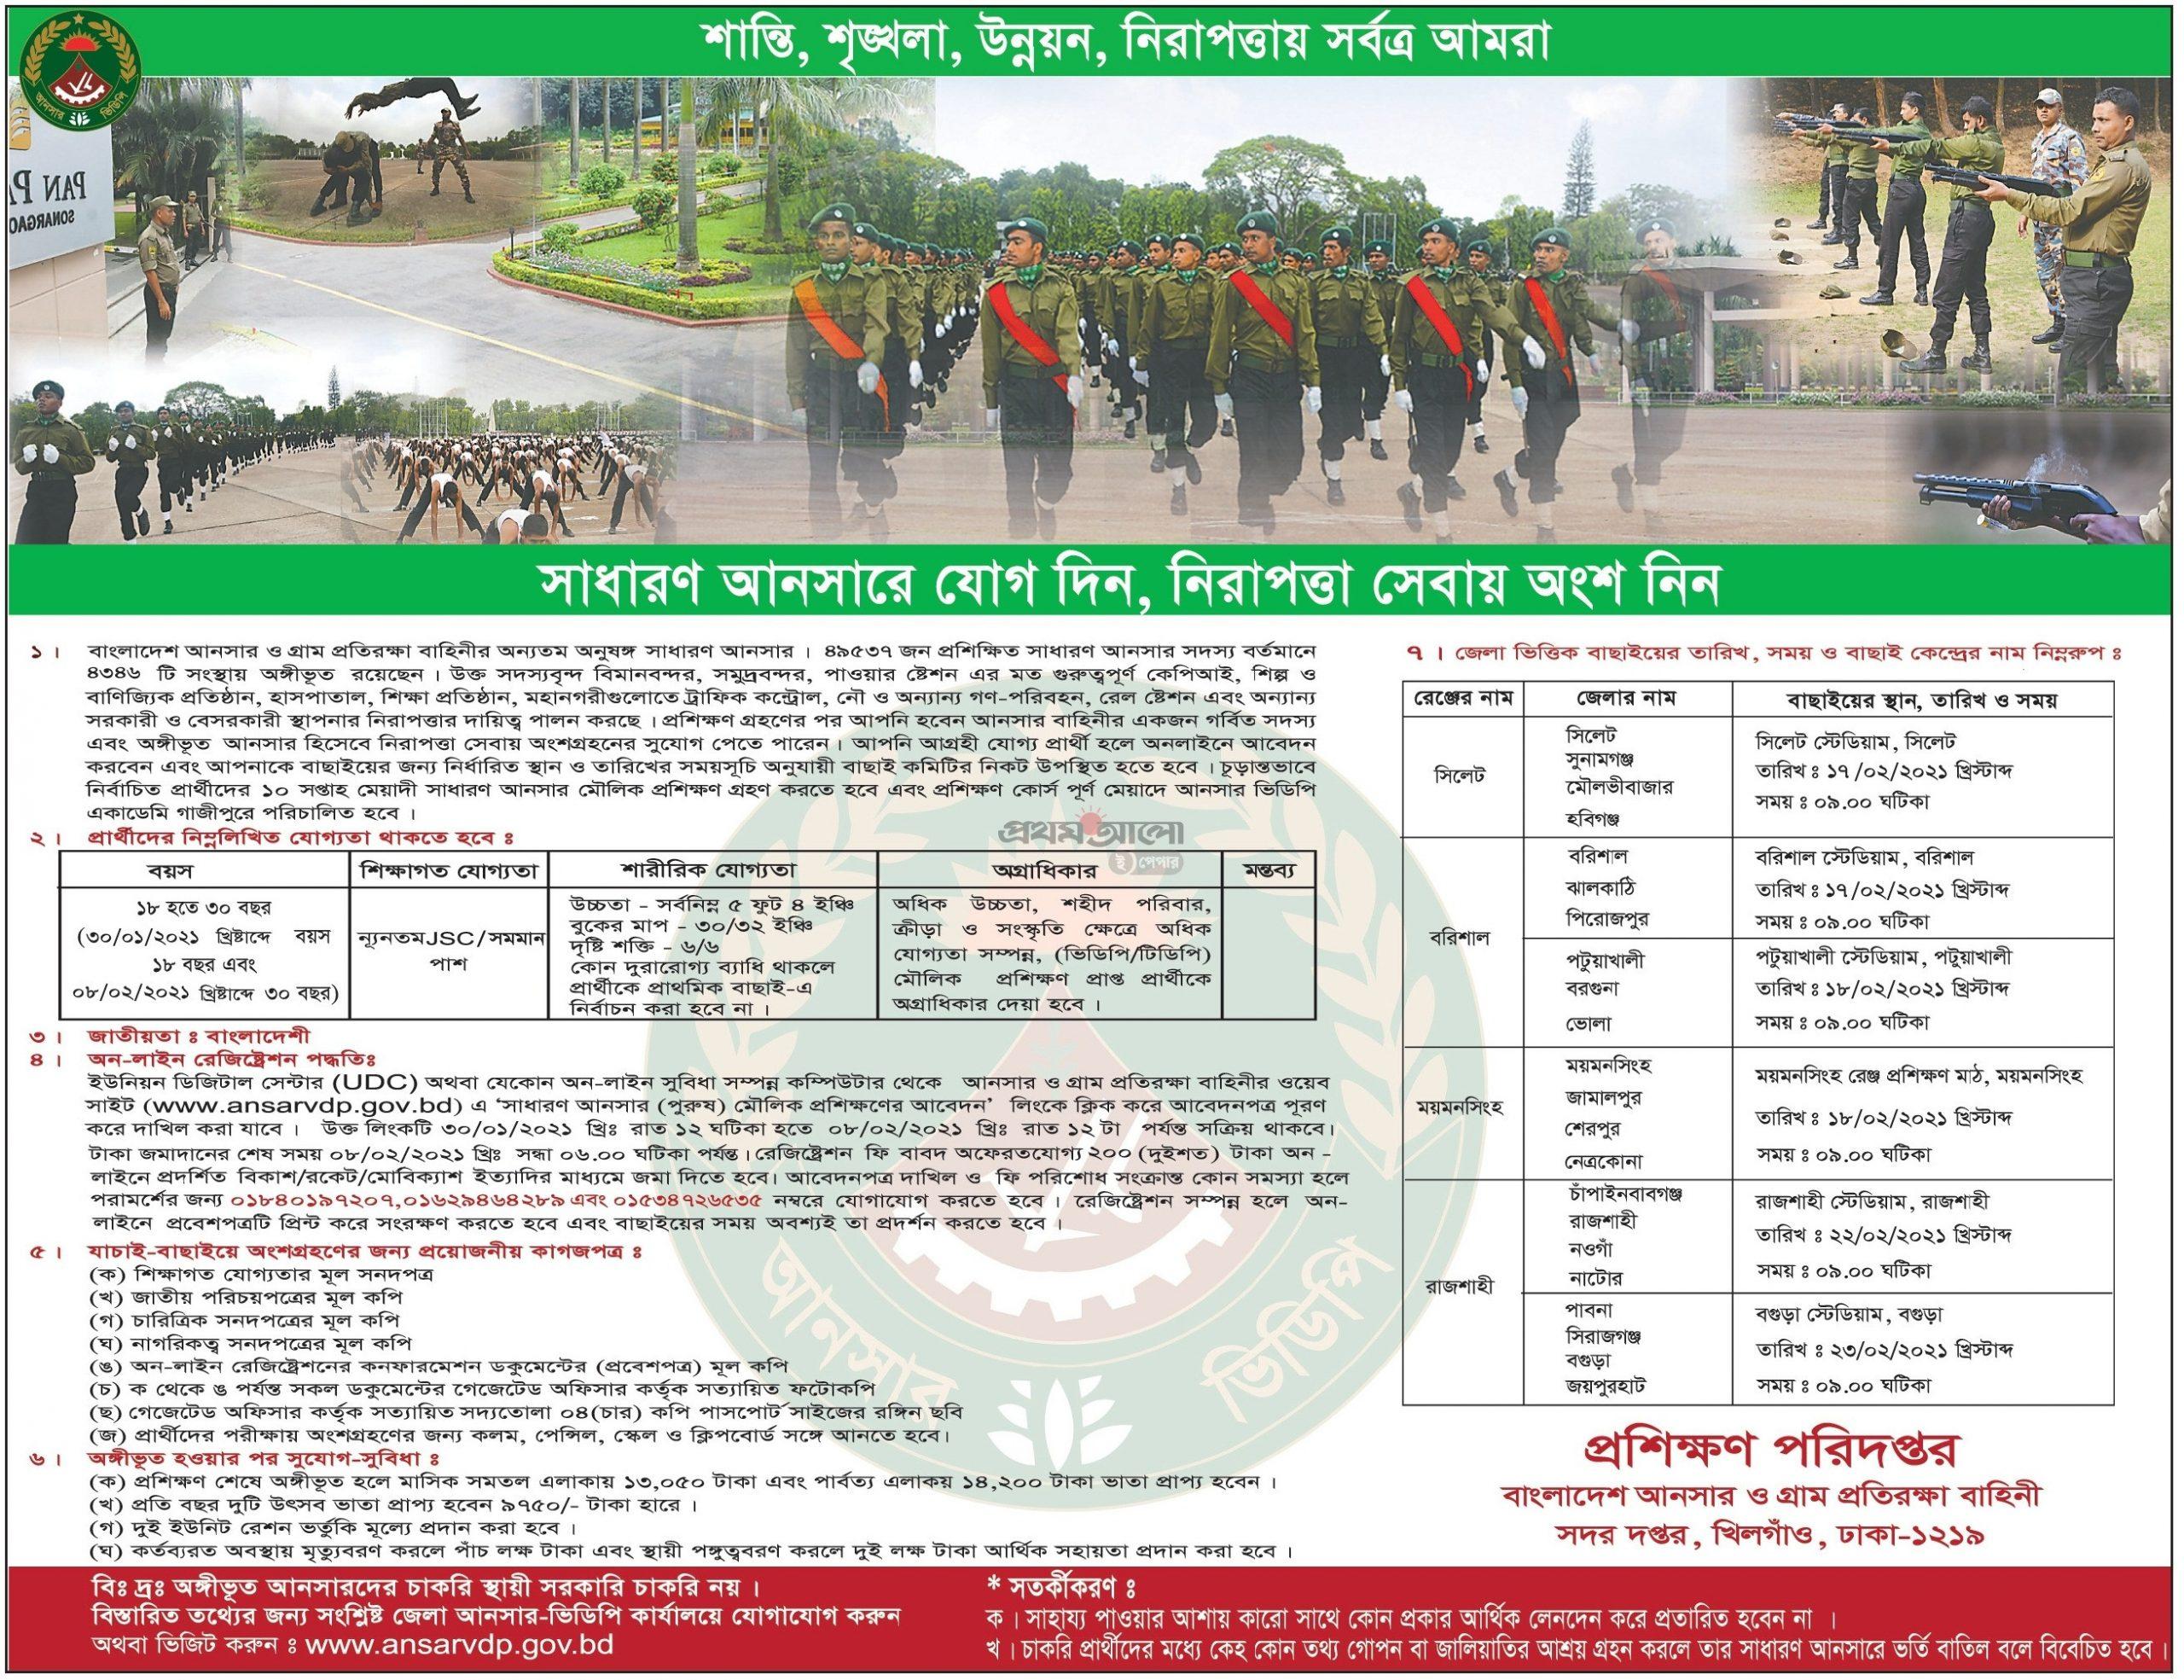 Ansar VDP Job Circular 2021